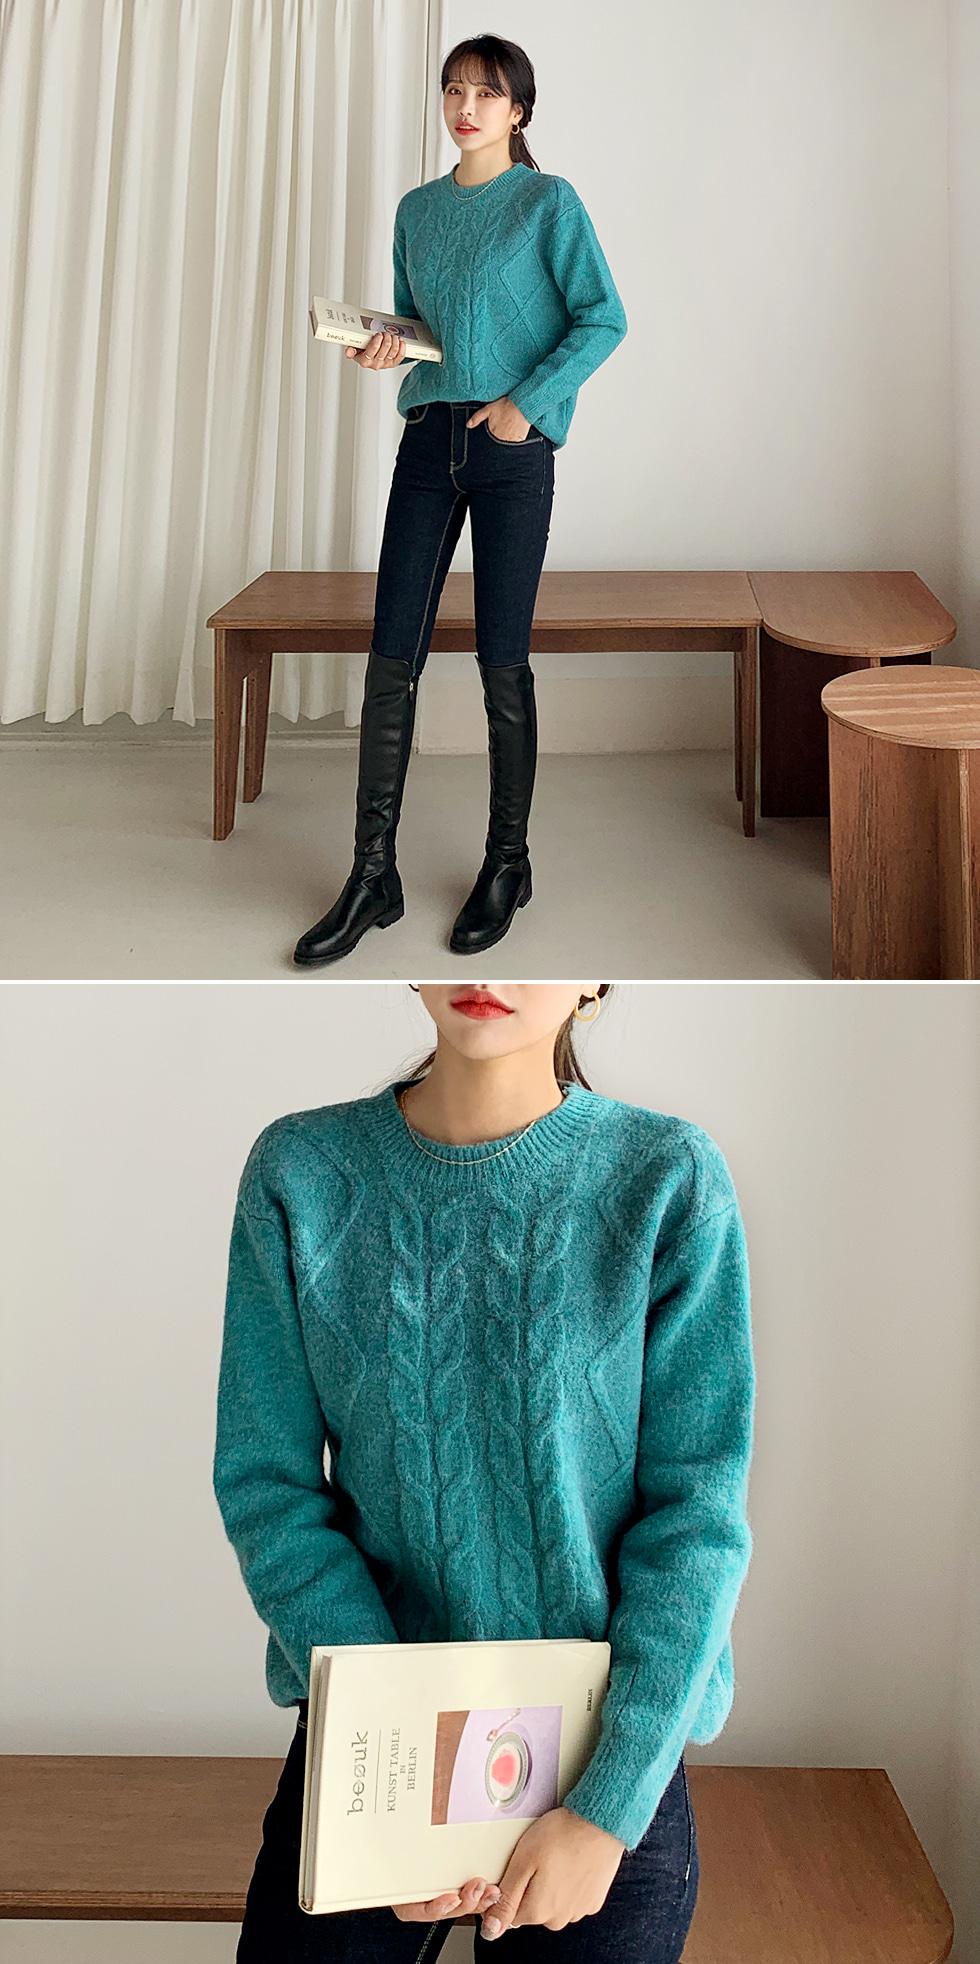 Booklet Knitwear